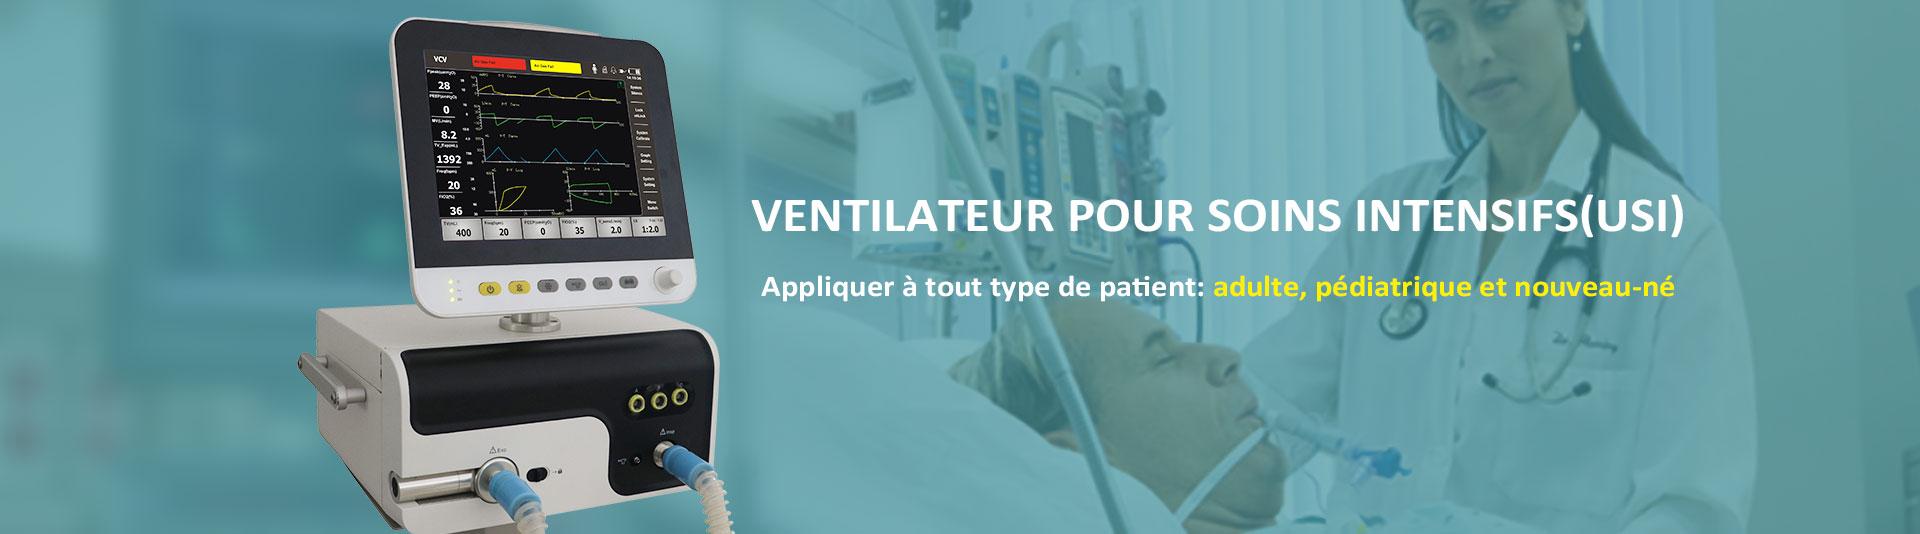 Ventilateur pour soins intensifs (USI)